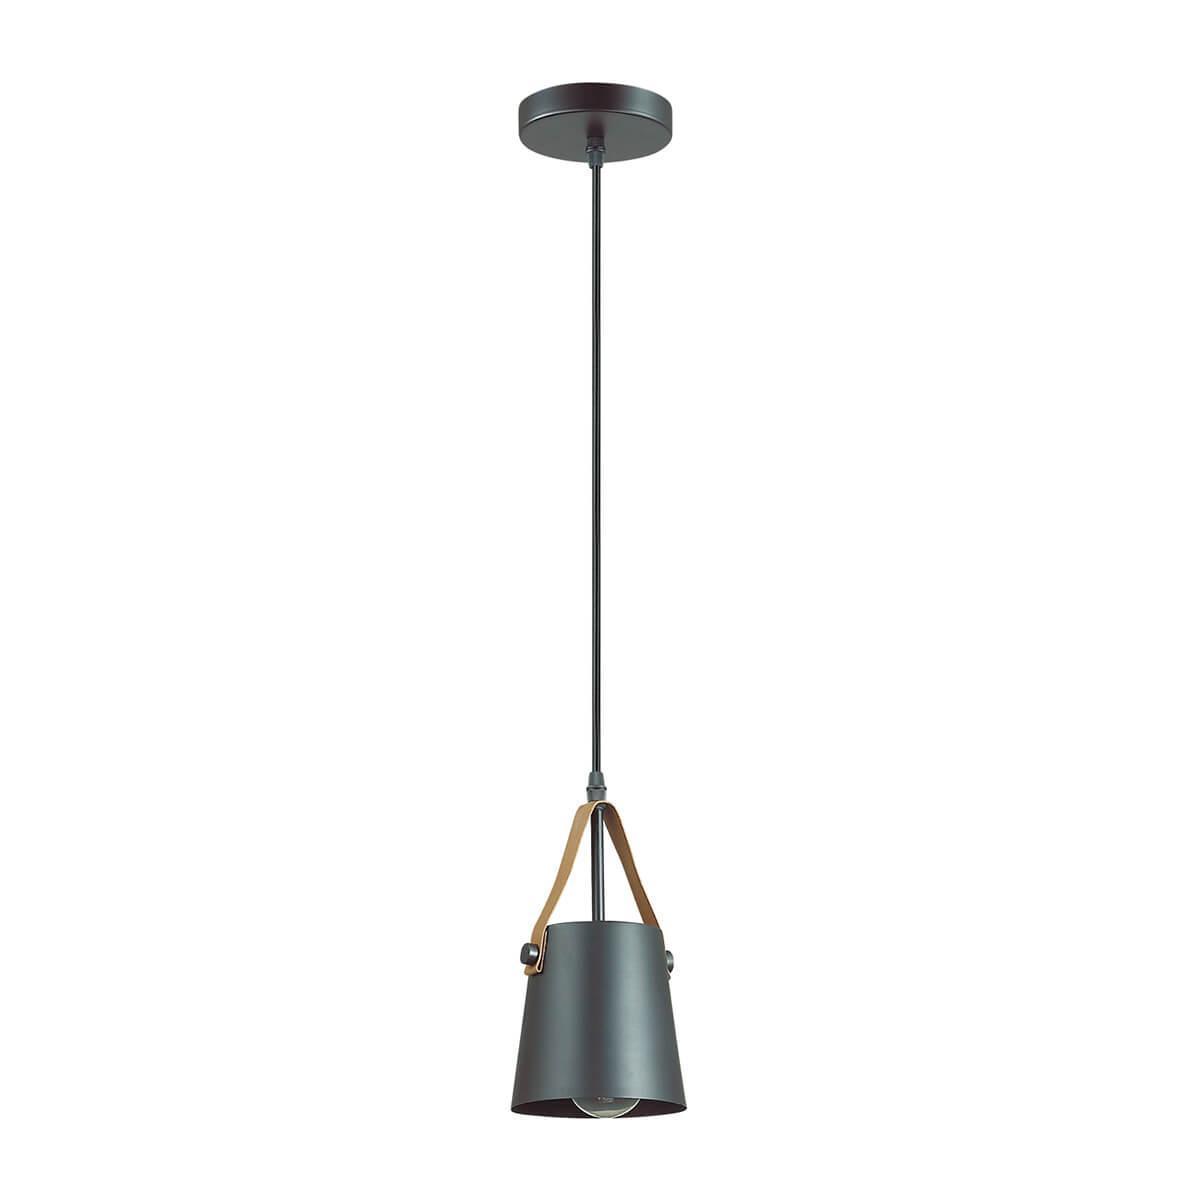 Подвесной светильник Lumion Tristen 3641/1 настенно потолочные светильники artevaluce подвесной светильник tristen цвет бежевый 46х52 см